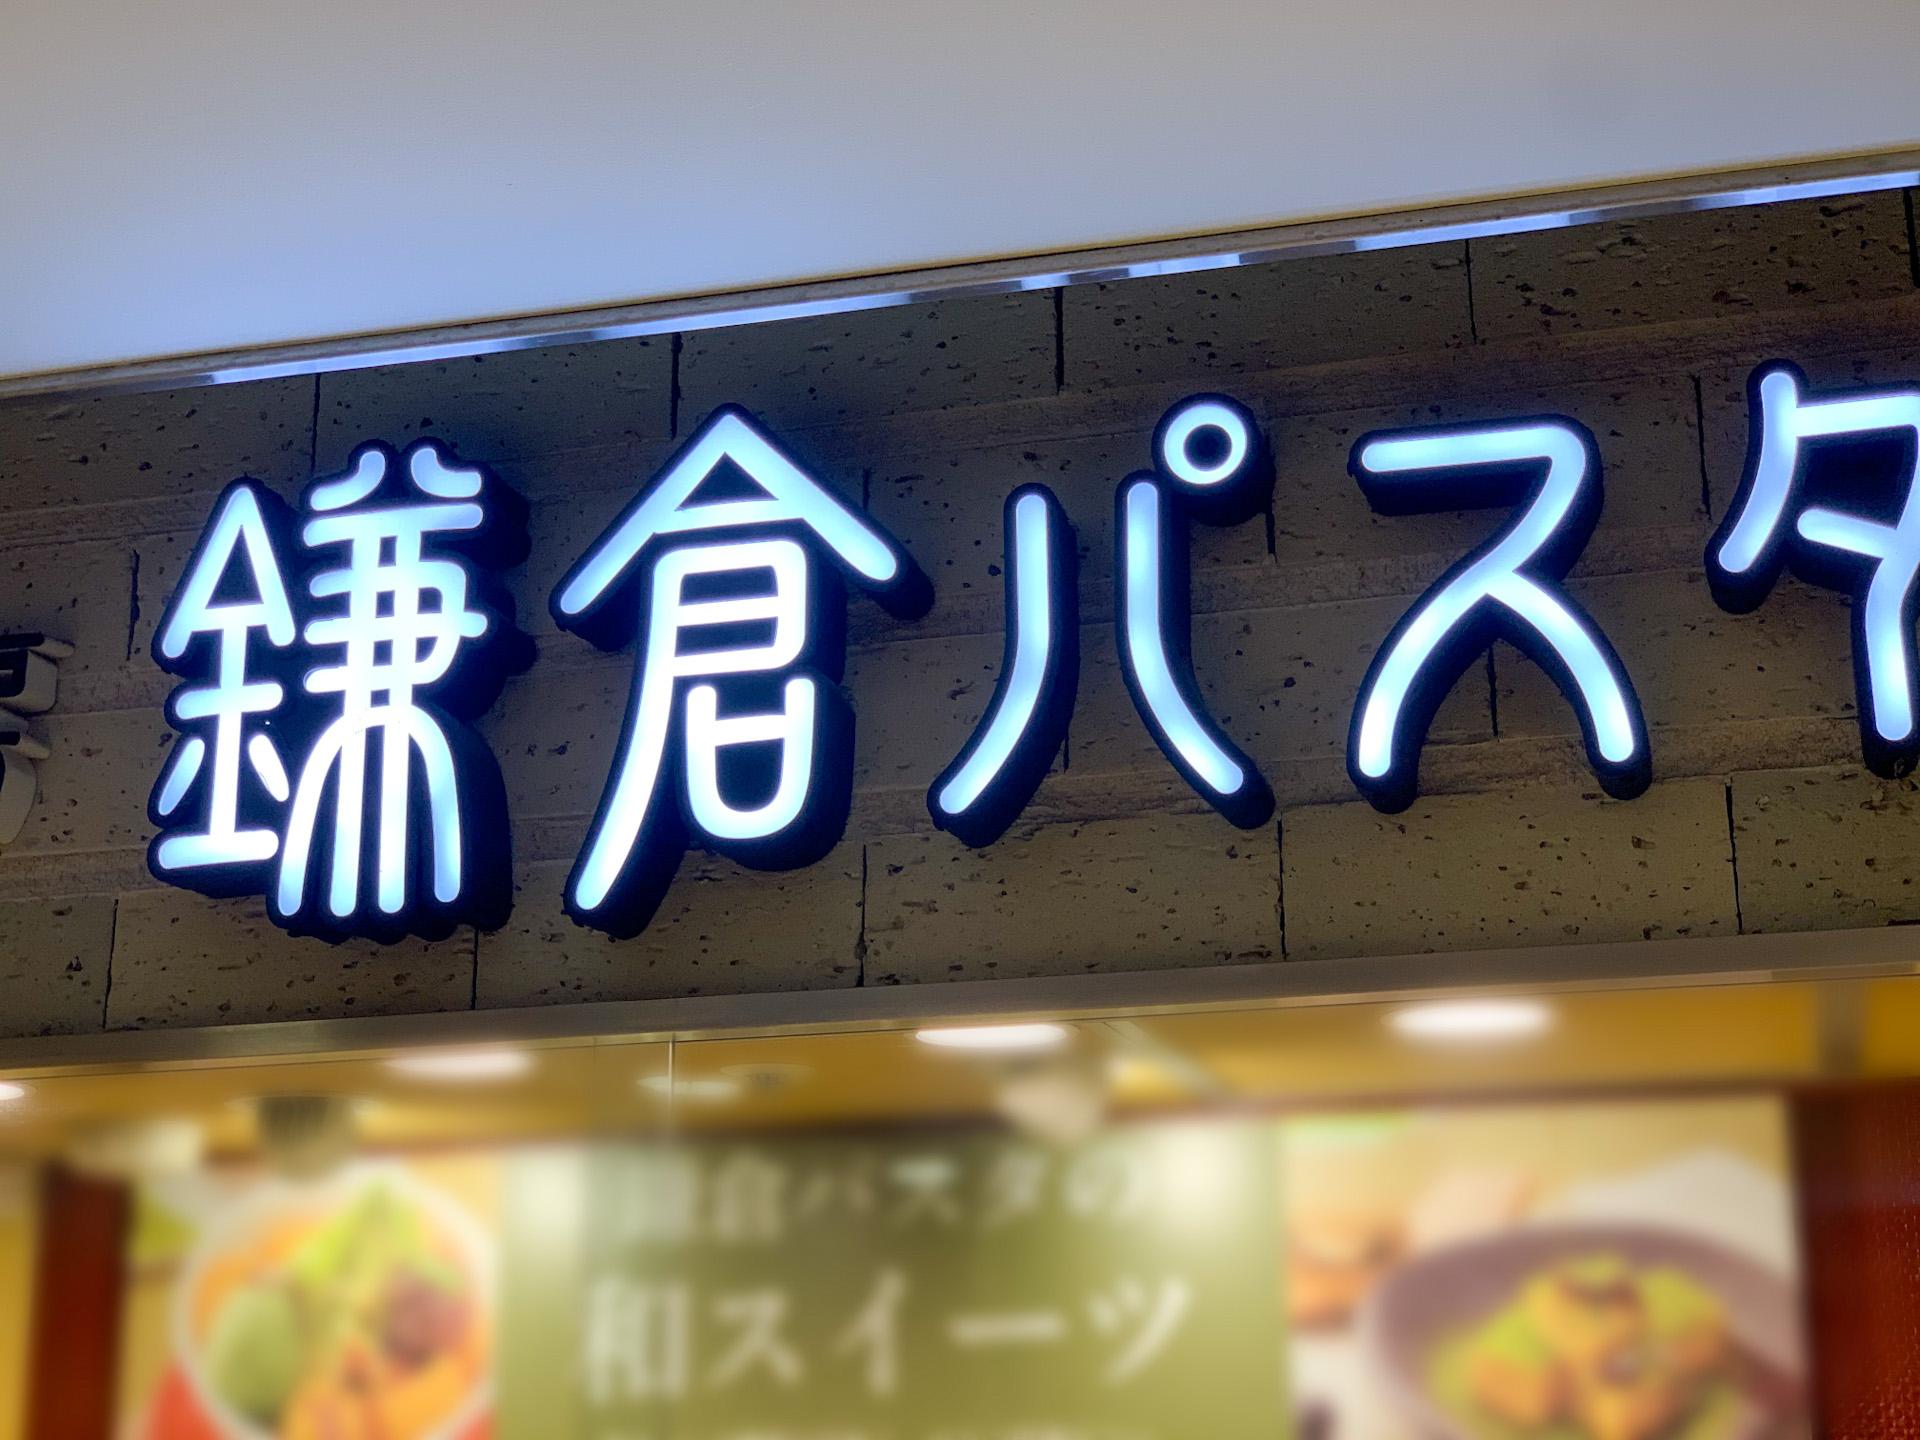 鎌倉パスタで焼き立てパン食べ放題!注文方法や種類・実施店舗は?